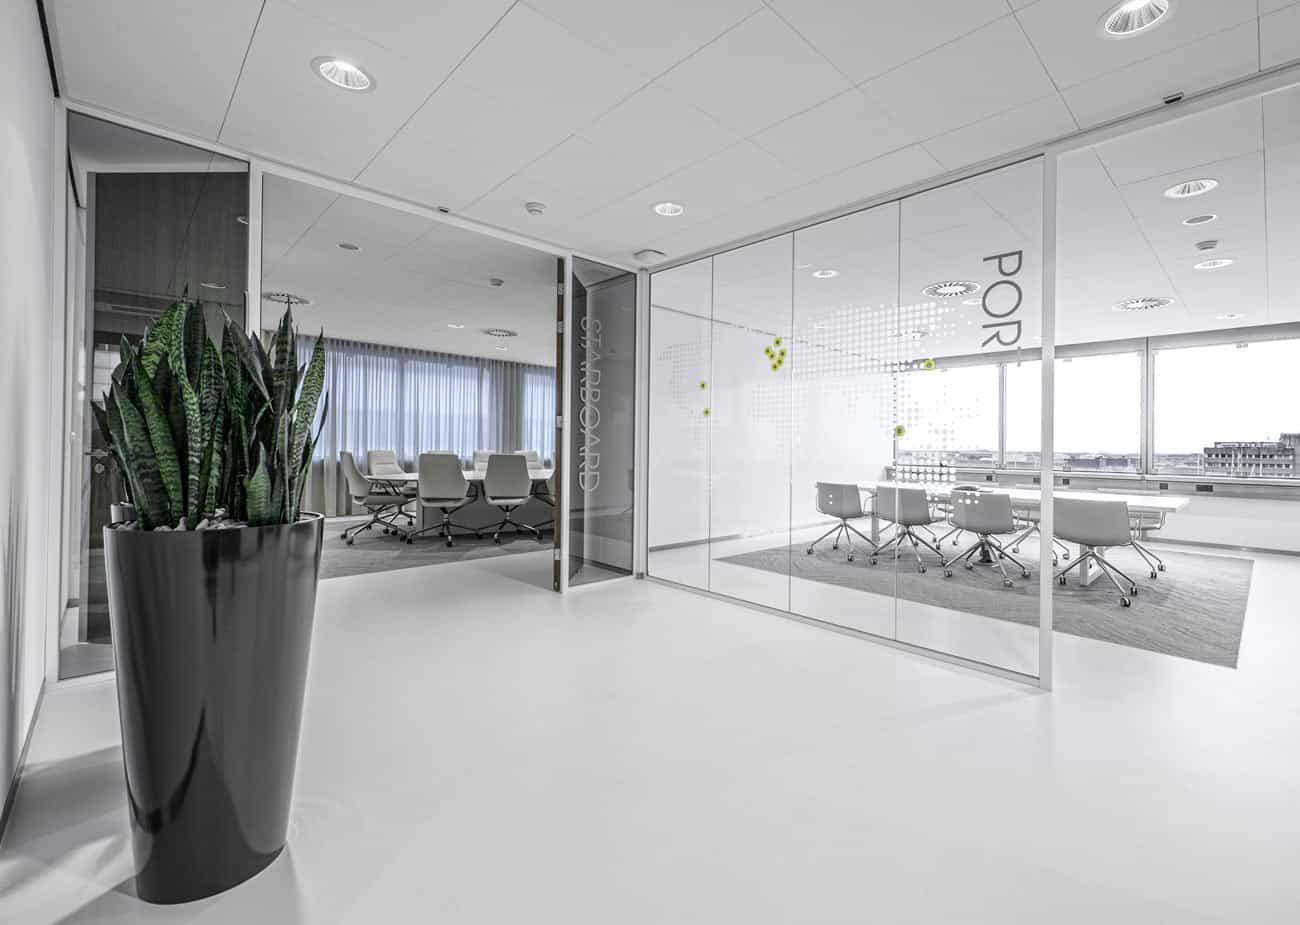 DVB Bank, Schiphol | Plan Effect